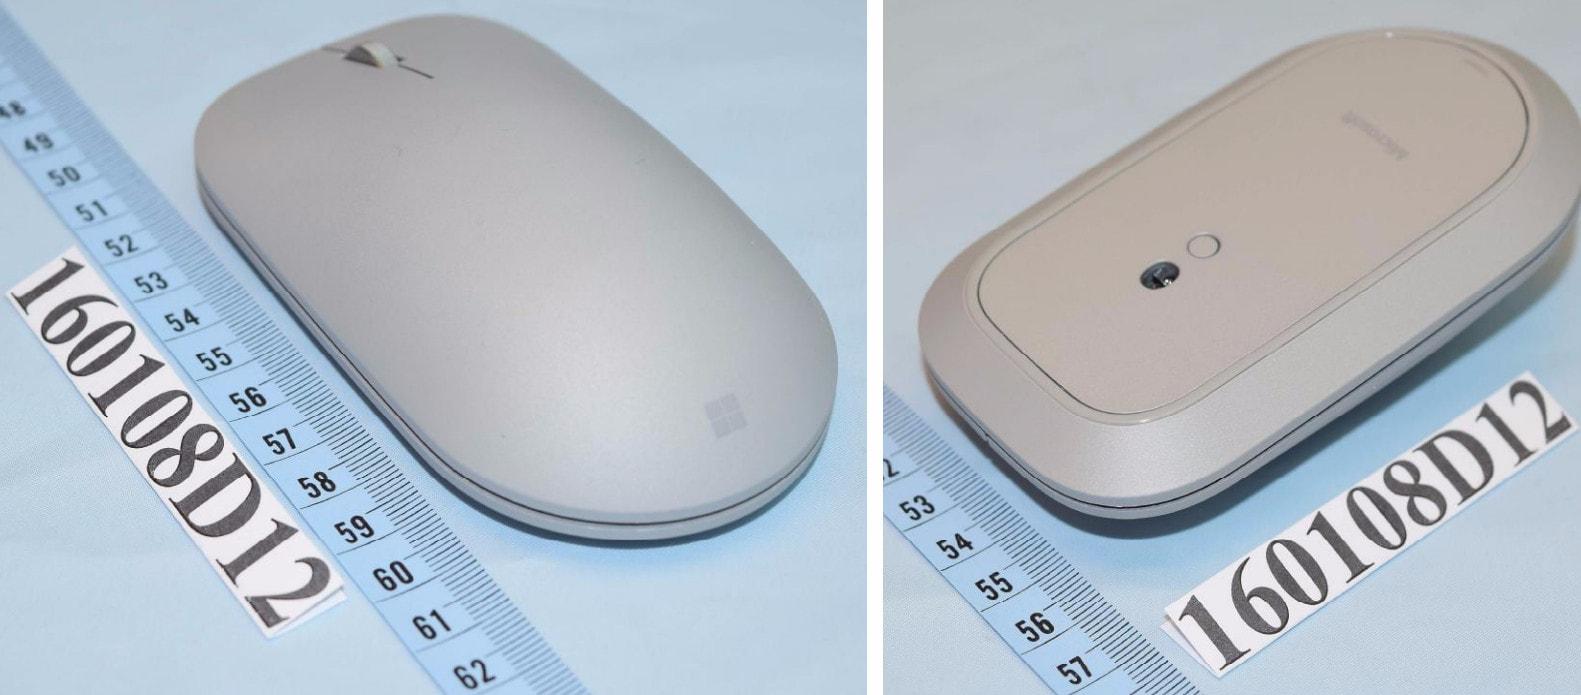 Surface Mouse foto fcc